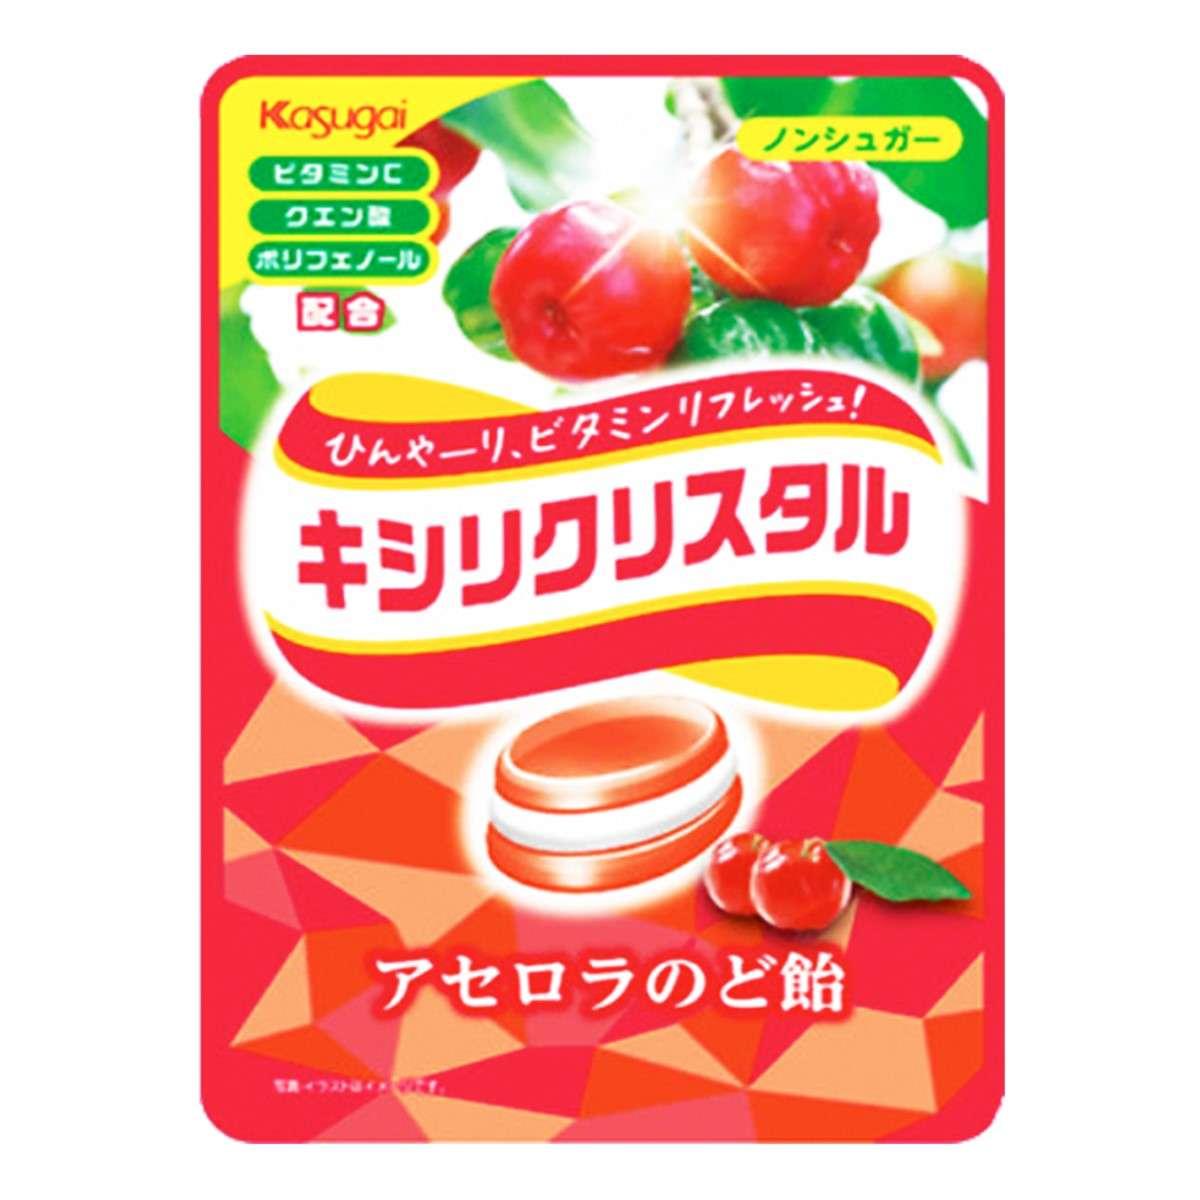 Kẹo ngậm thảo mộc không đường kasugai Nhật Bản